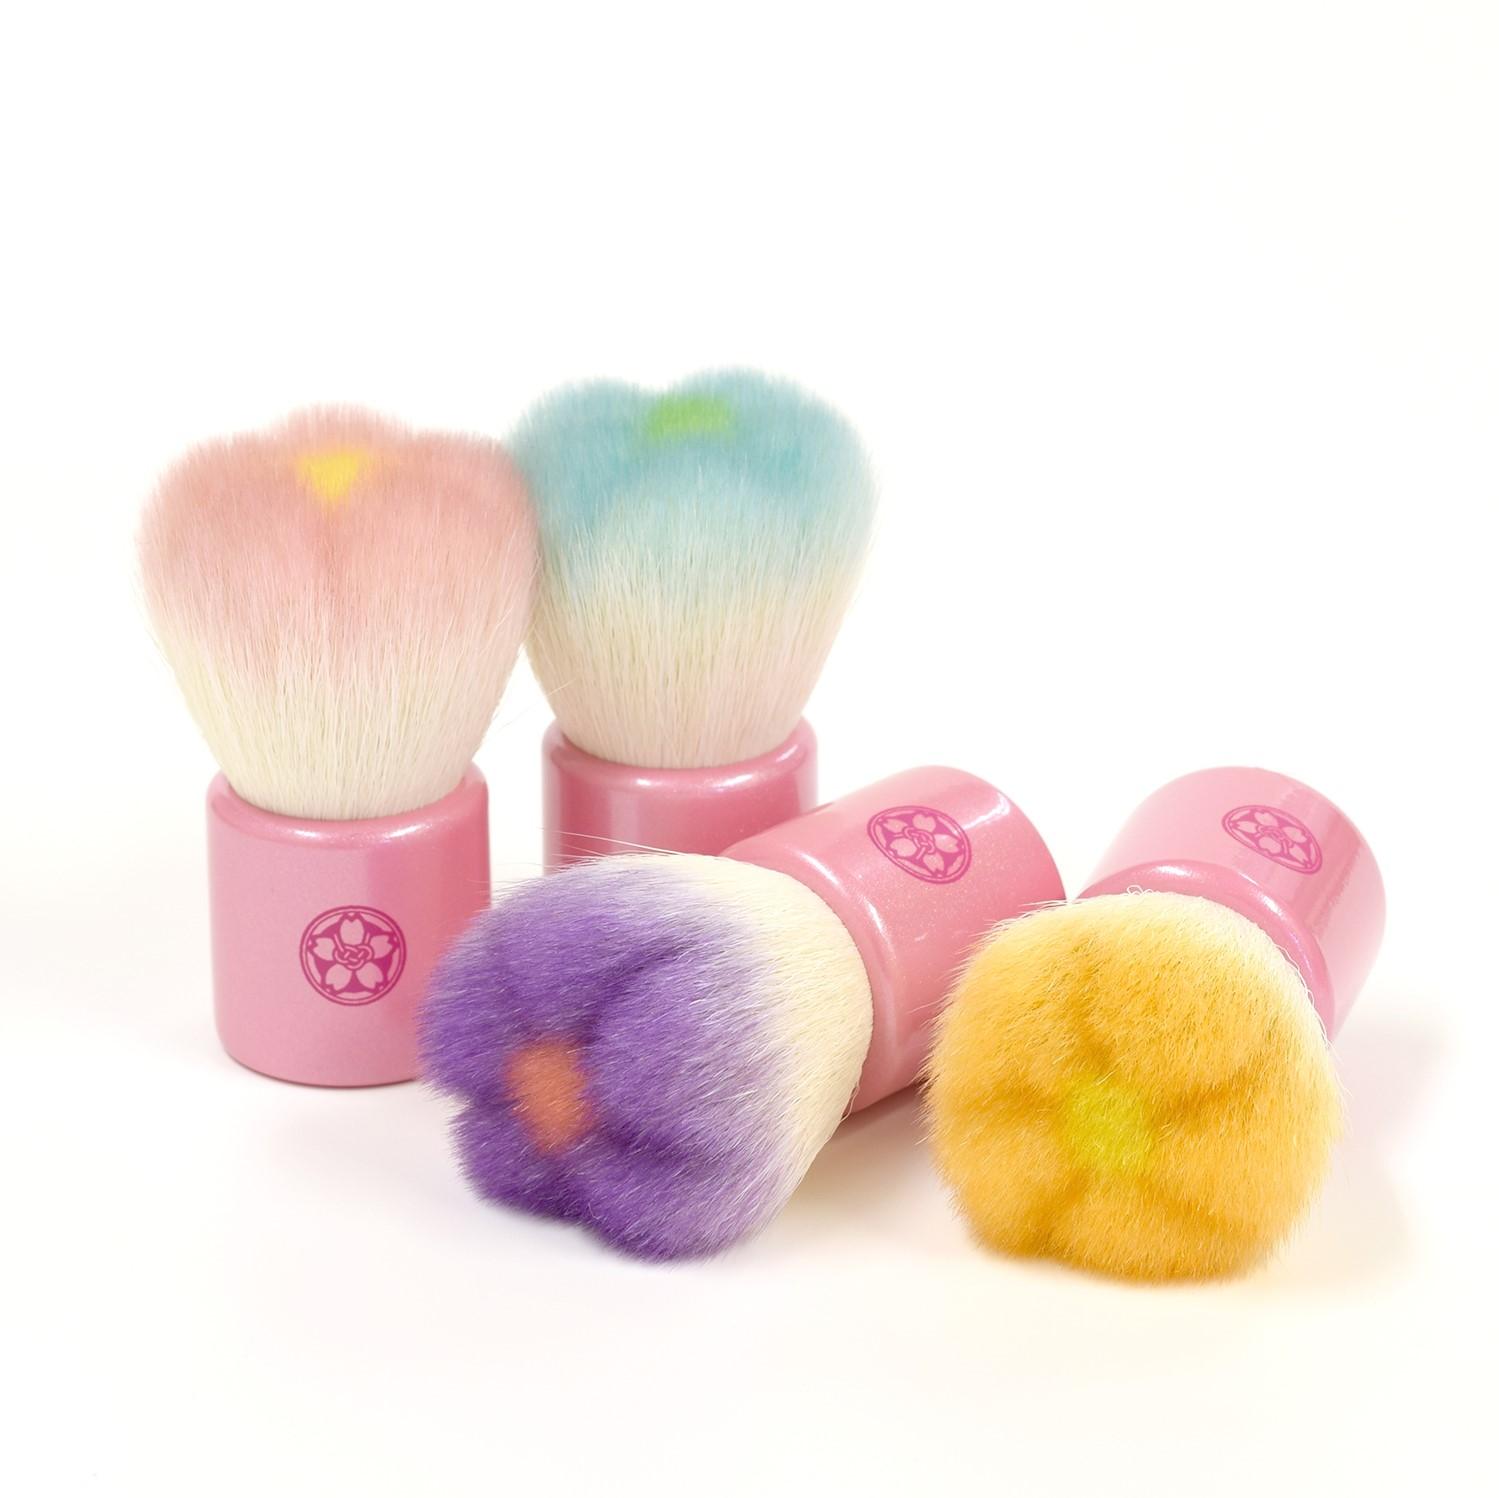 fws 熊野筆 フラワー洗顔ブラシ (ピンク/ブルー/オレンジ/パープル) 山羊毛/PBT混毛